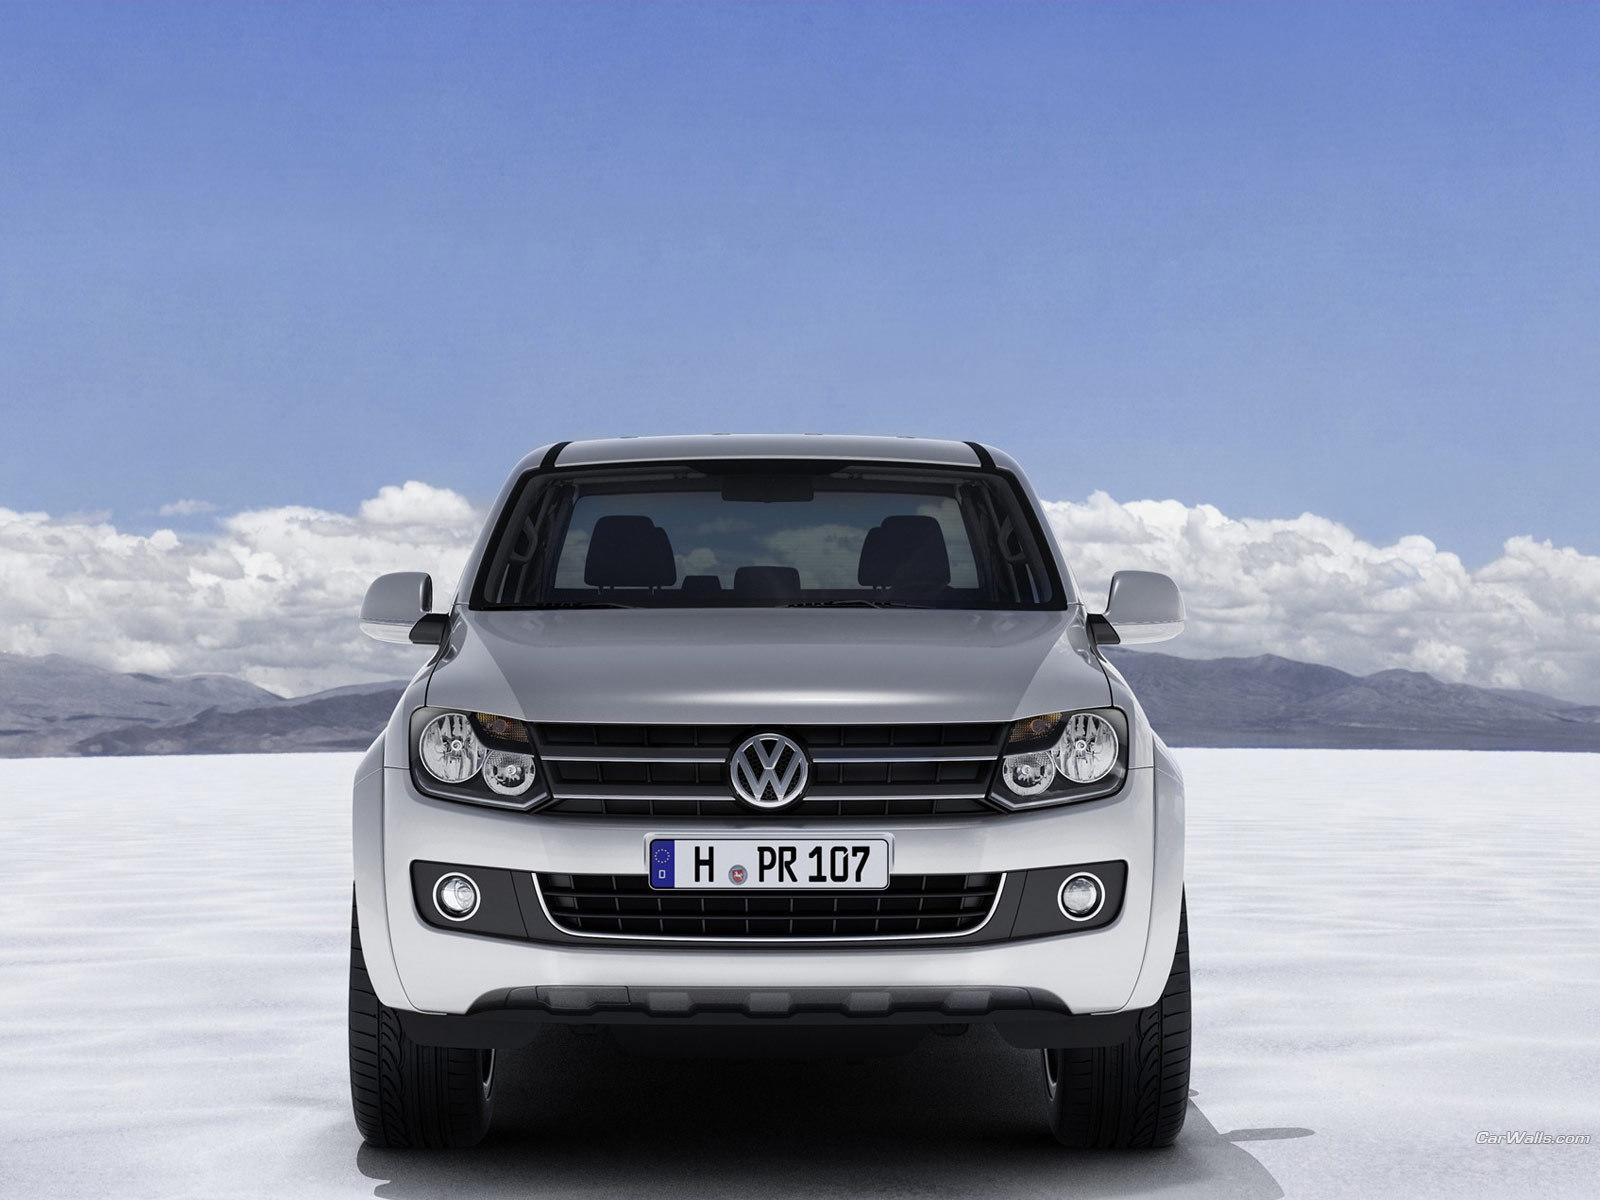 Volkswagen Amarok   Volkswagen wallpaper 9326173   fanpop 1600x1200